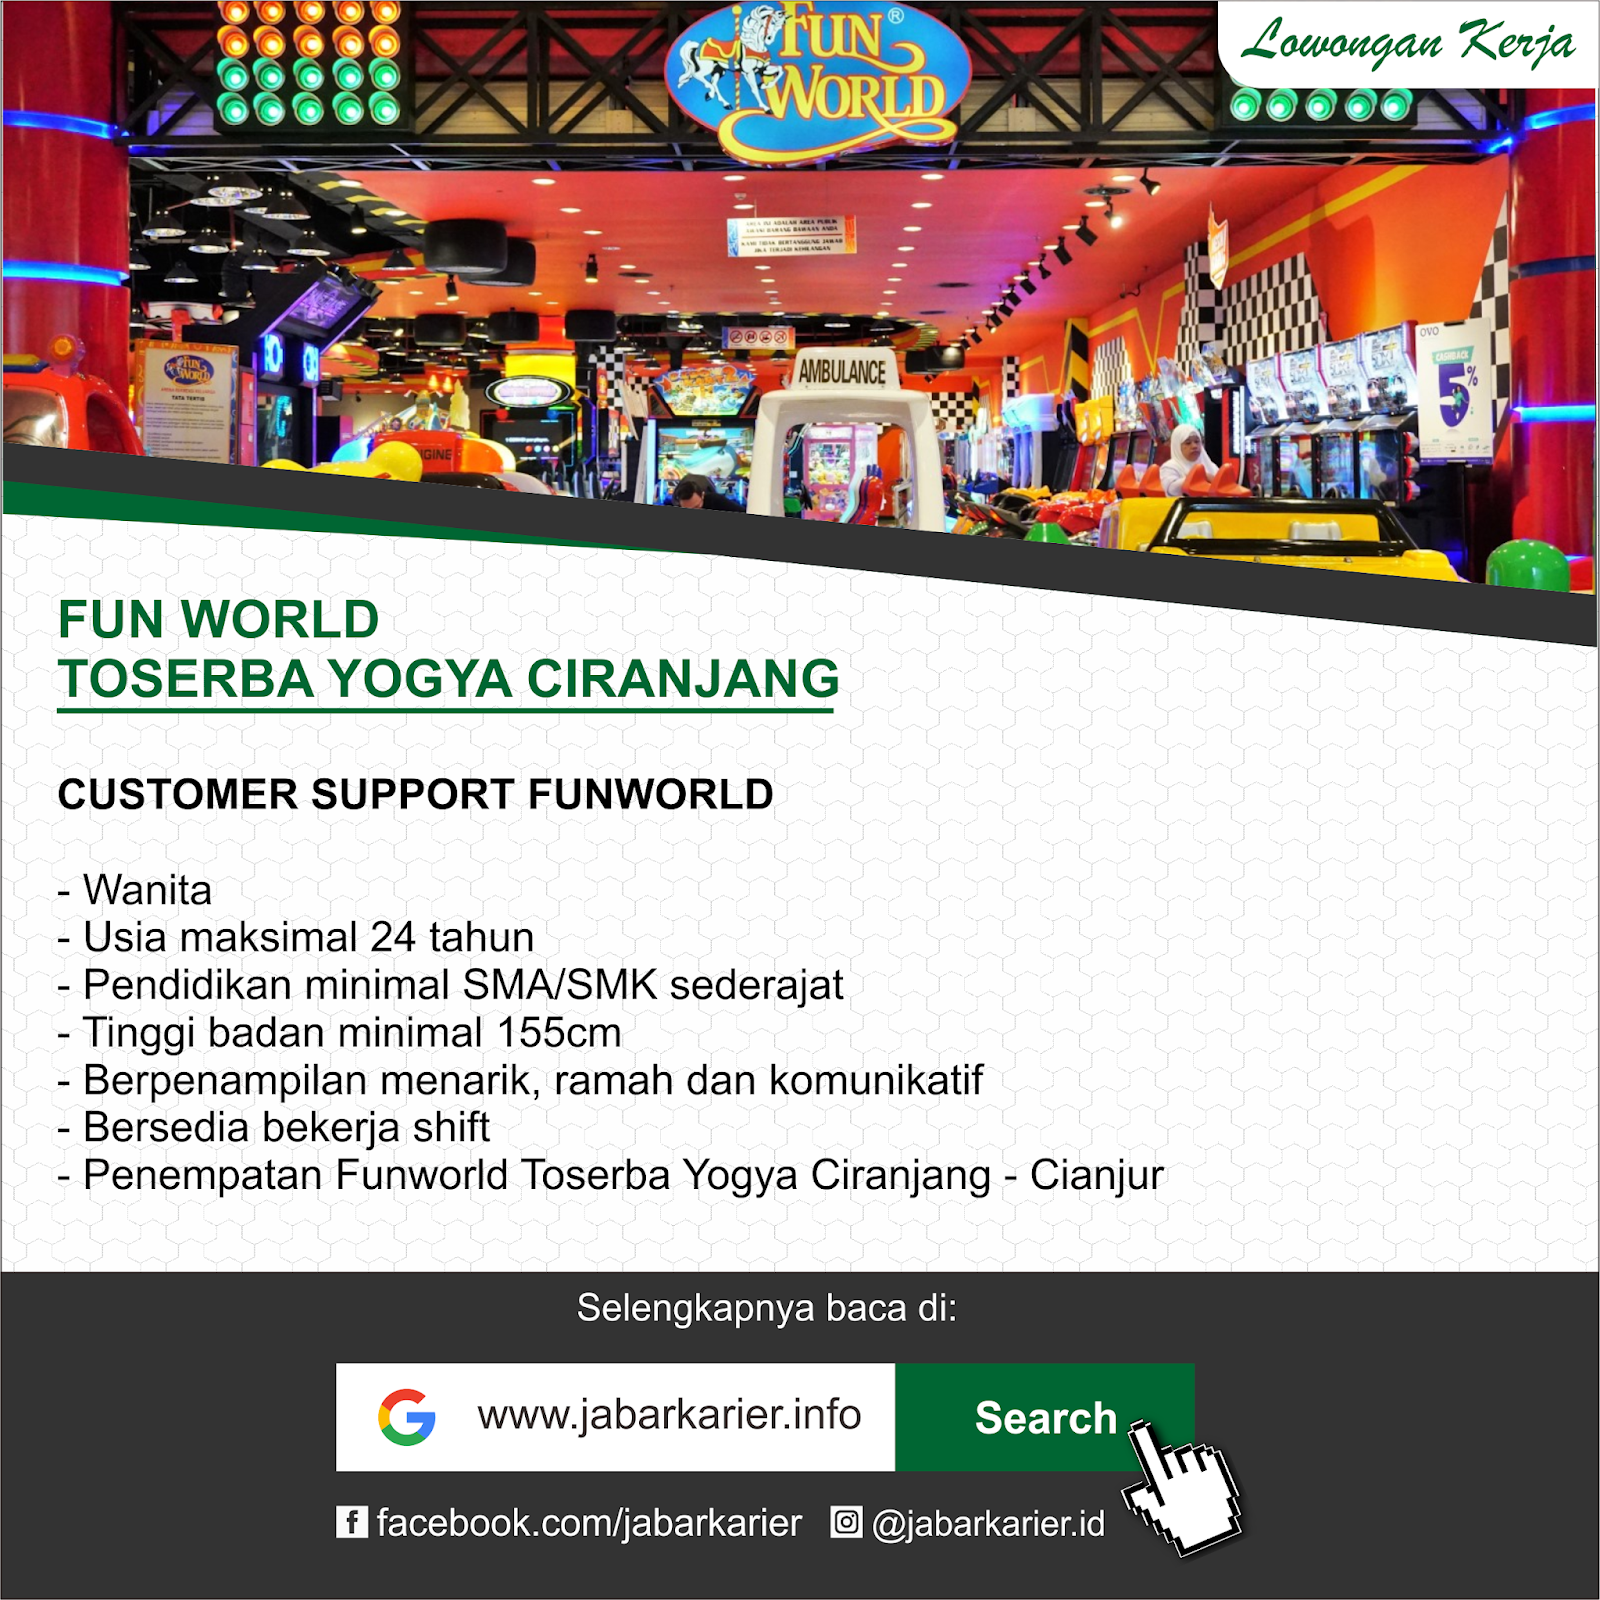 Lowongan Kerja Funworld Yogya Ciranjang Cianjur Lowongan Kerja Terbaru Tahun 2020 Informasi Rekrutmen Cpns Pppk 2020